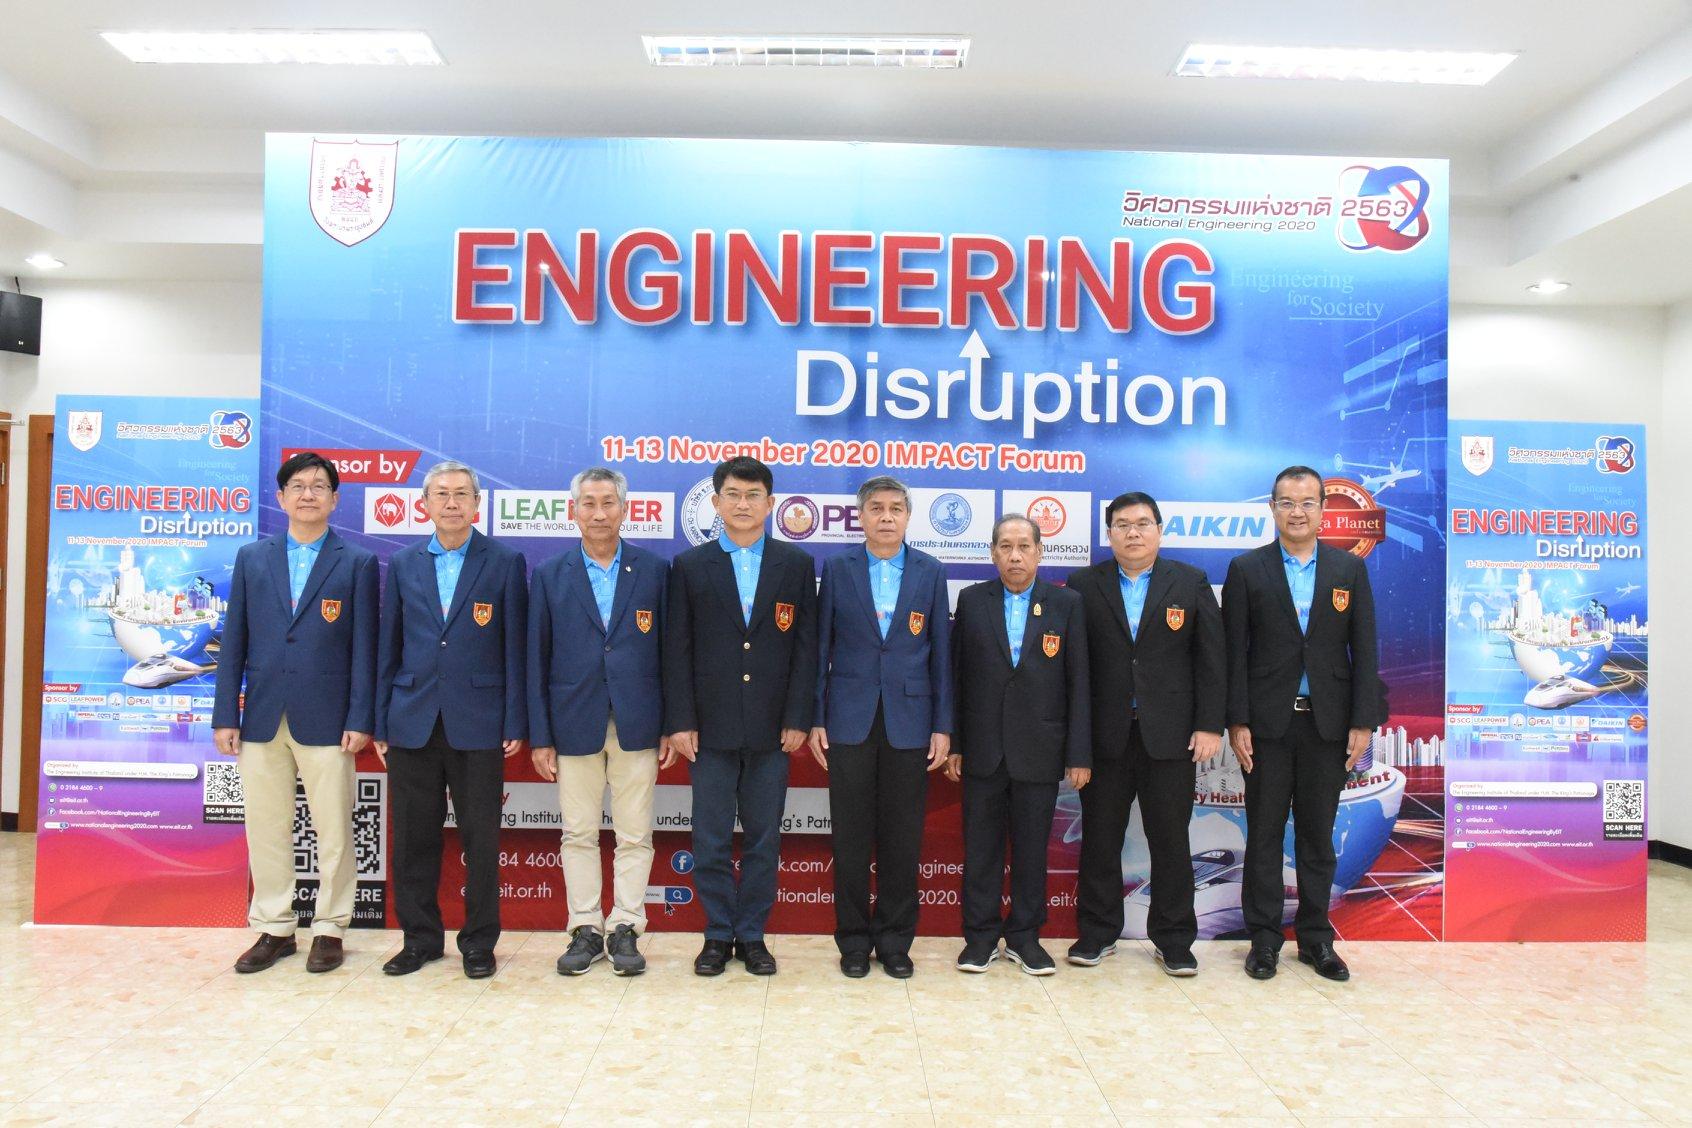 วิศวกรรมสถานแห่งประเทศไทยฯ (วสท.) เตรียมจัดงานวิศวกรรมแห่งชาติ 2563 โดยงานวิศวกรรมแห่งชาติ 2563 Engineering for Society : Engineering Disruption จัดวันที่ 11-13 พฤศจิกายน 2563 ณ อิมแพ็ค ฟอรั่ม เมืองทองธานี